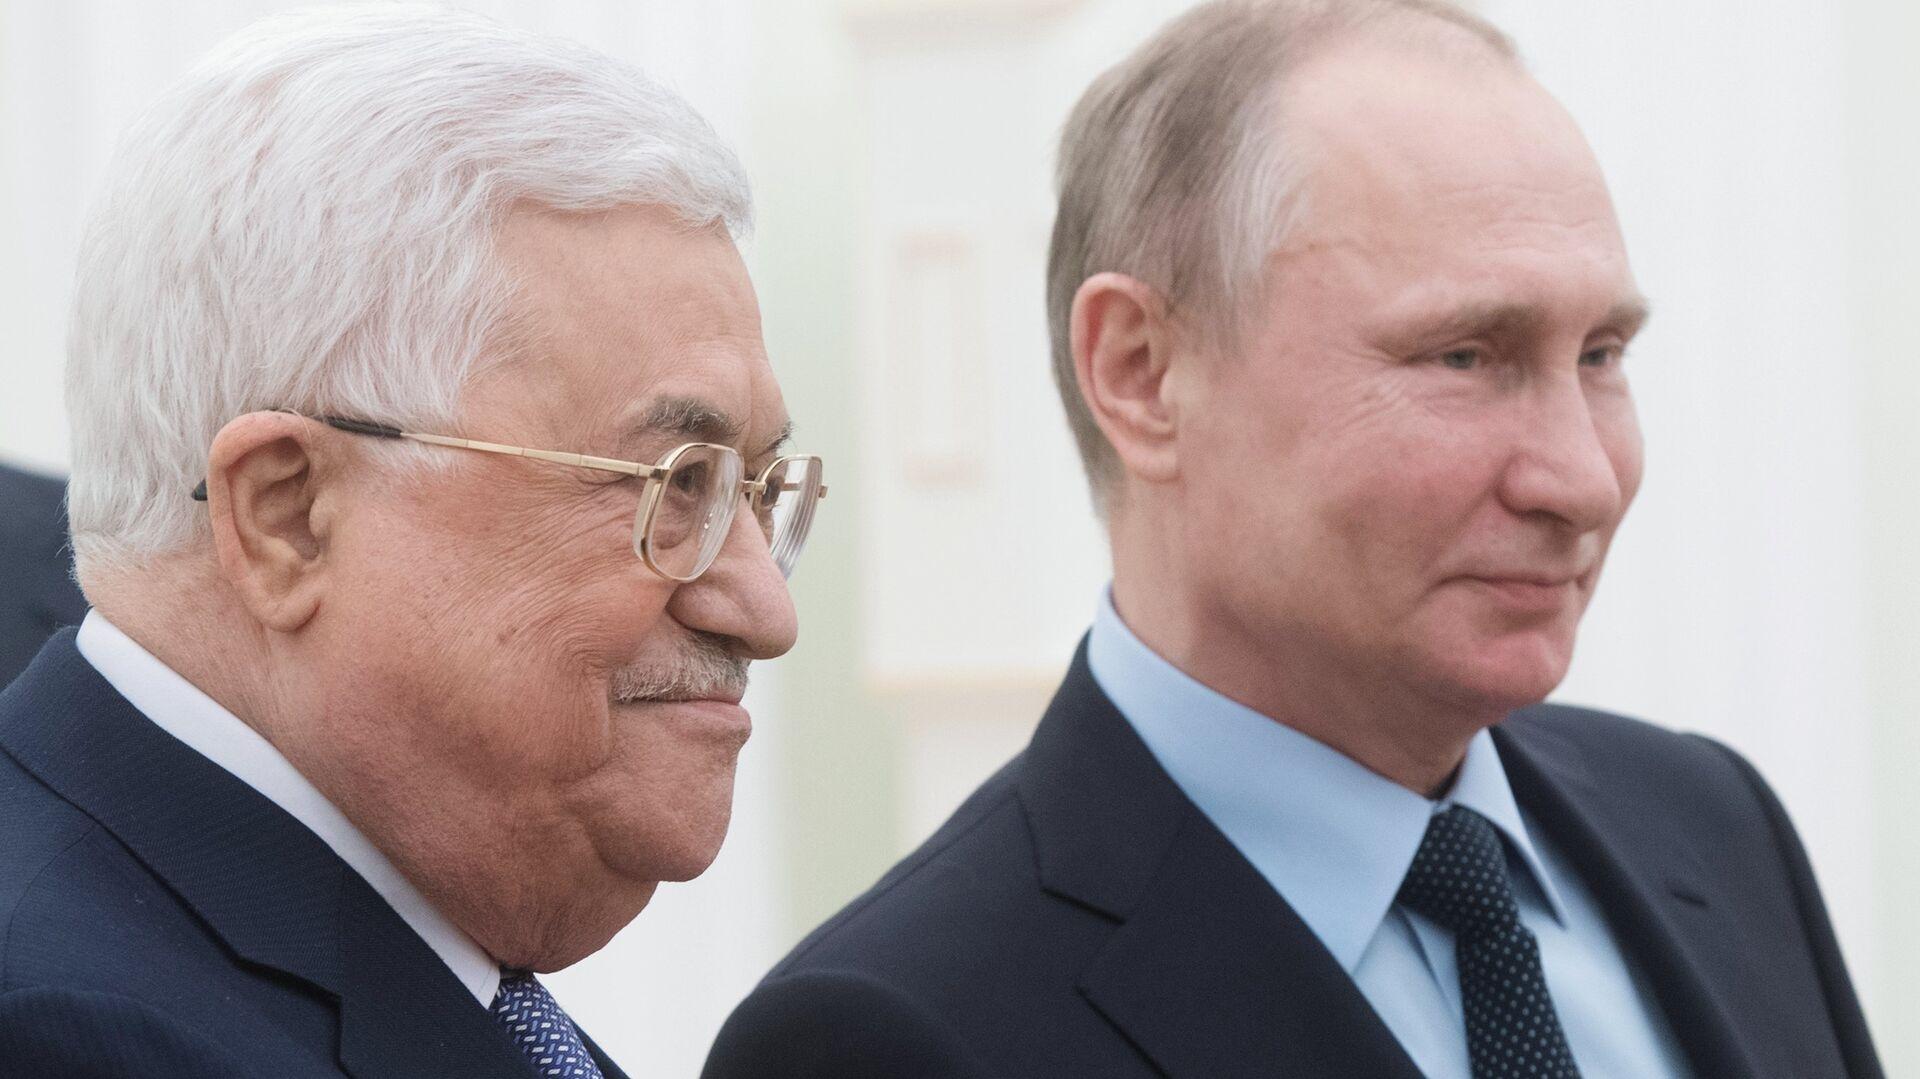 Президент РФ Владимир Путин и президент Палестины Махмуд Аббас во время встречи. 12 февраля 2018 - РИА Новости, 1920, 22.12.2020